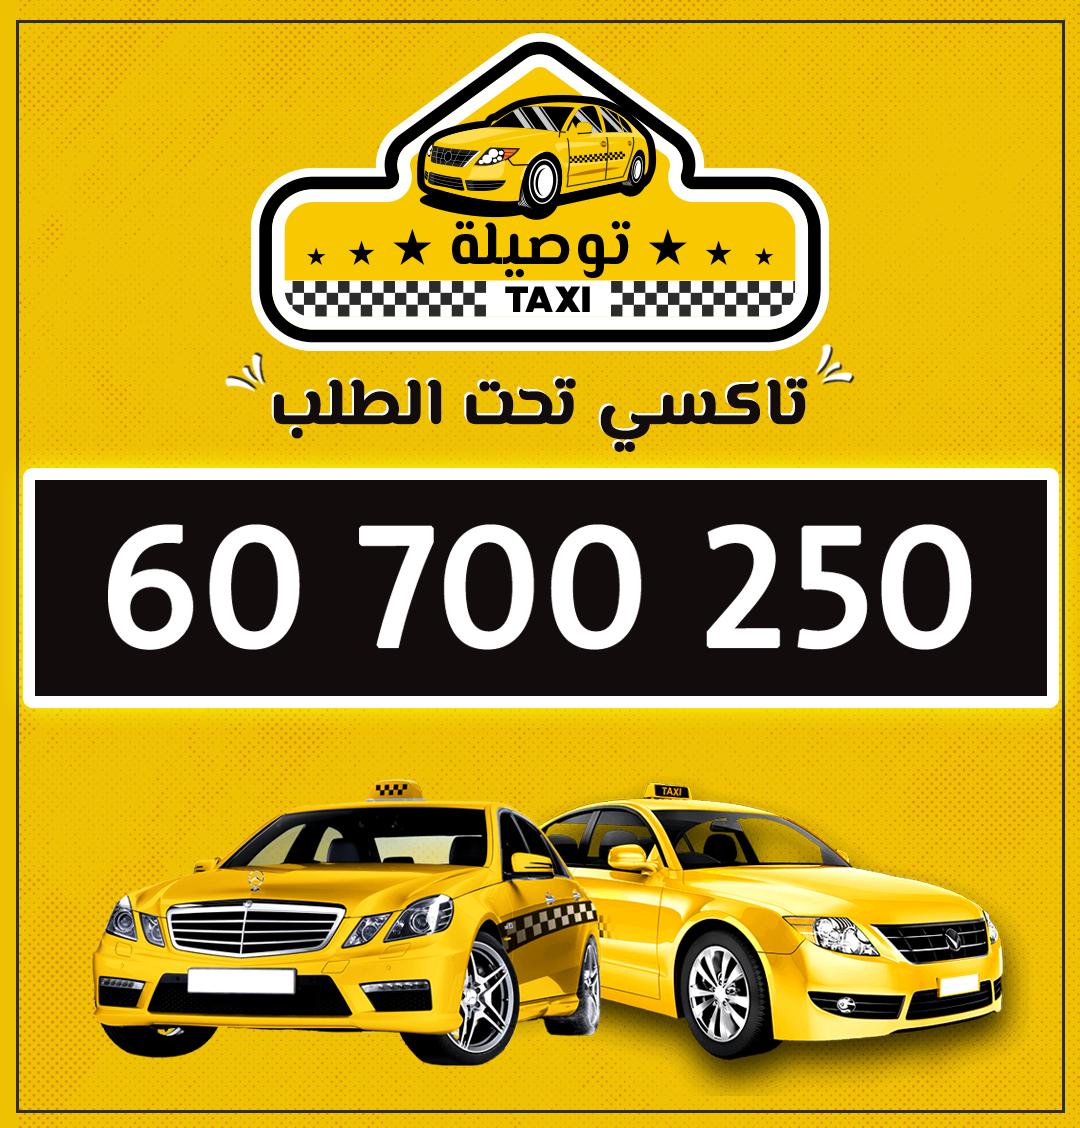 تاكسي توصيلة في شارع سعد بن عبادة